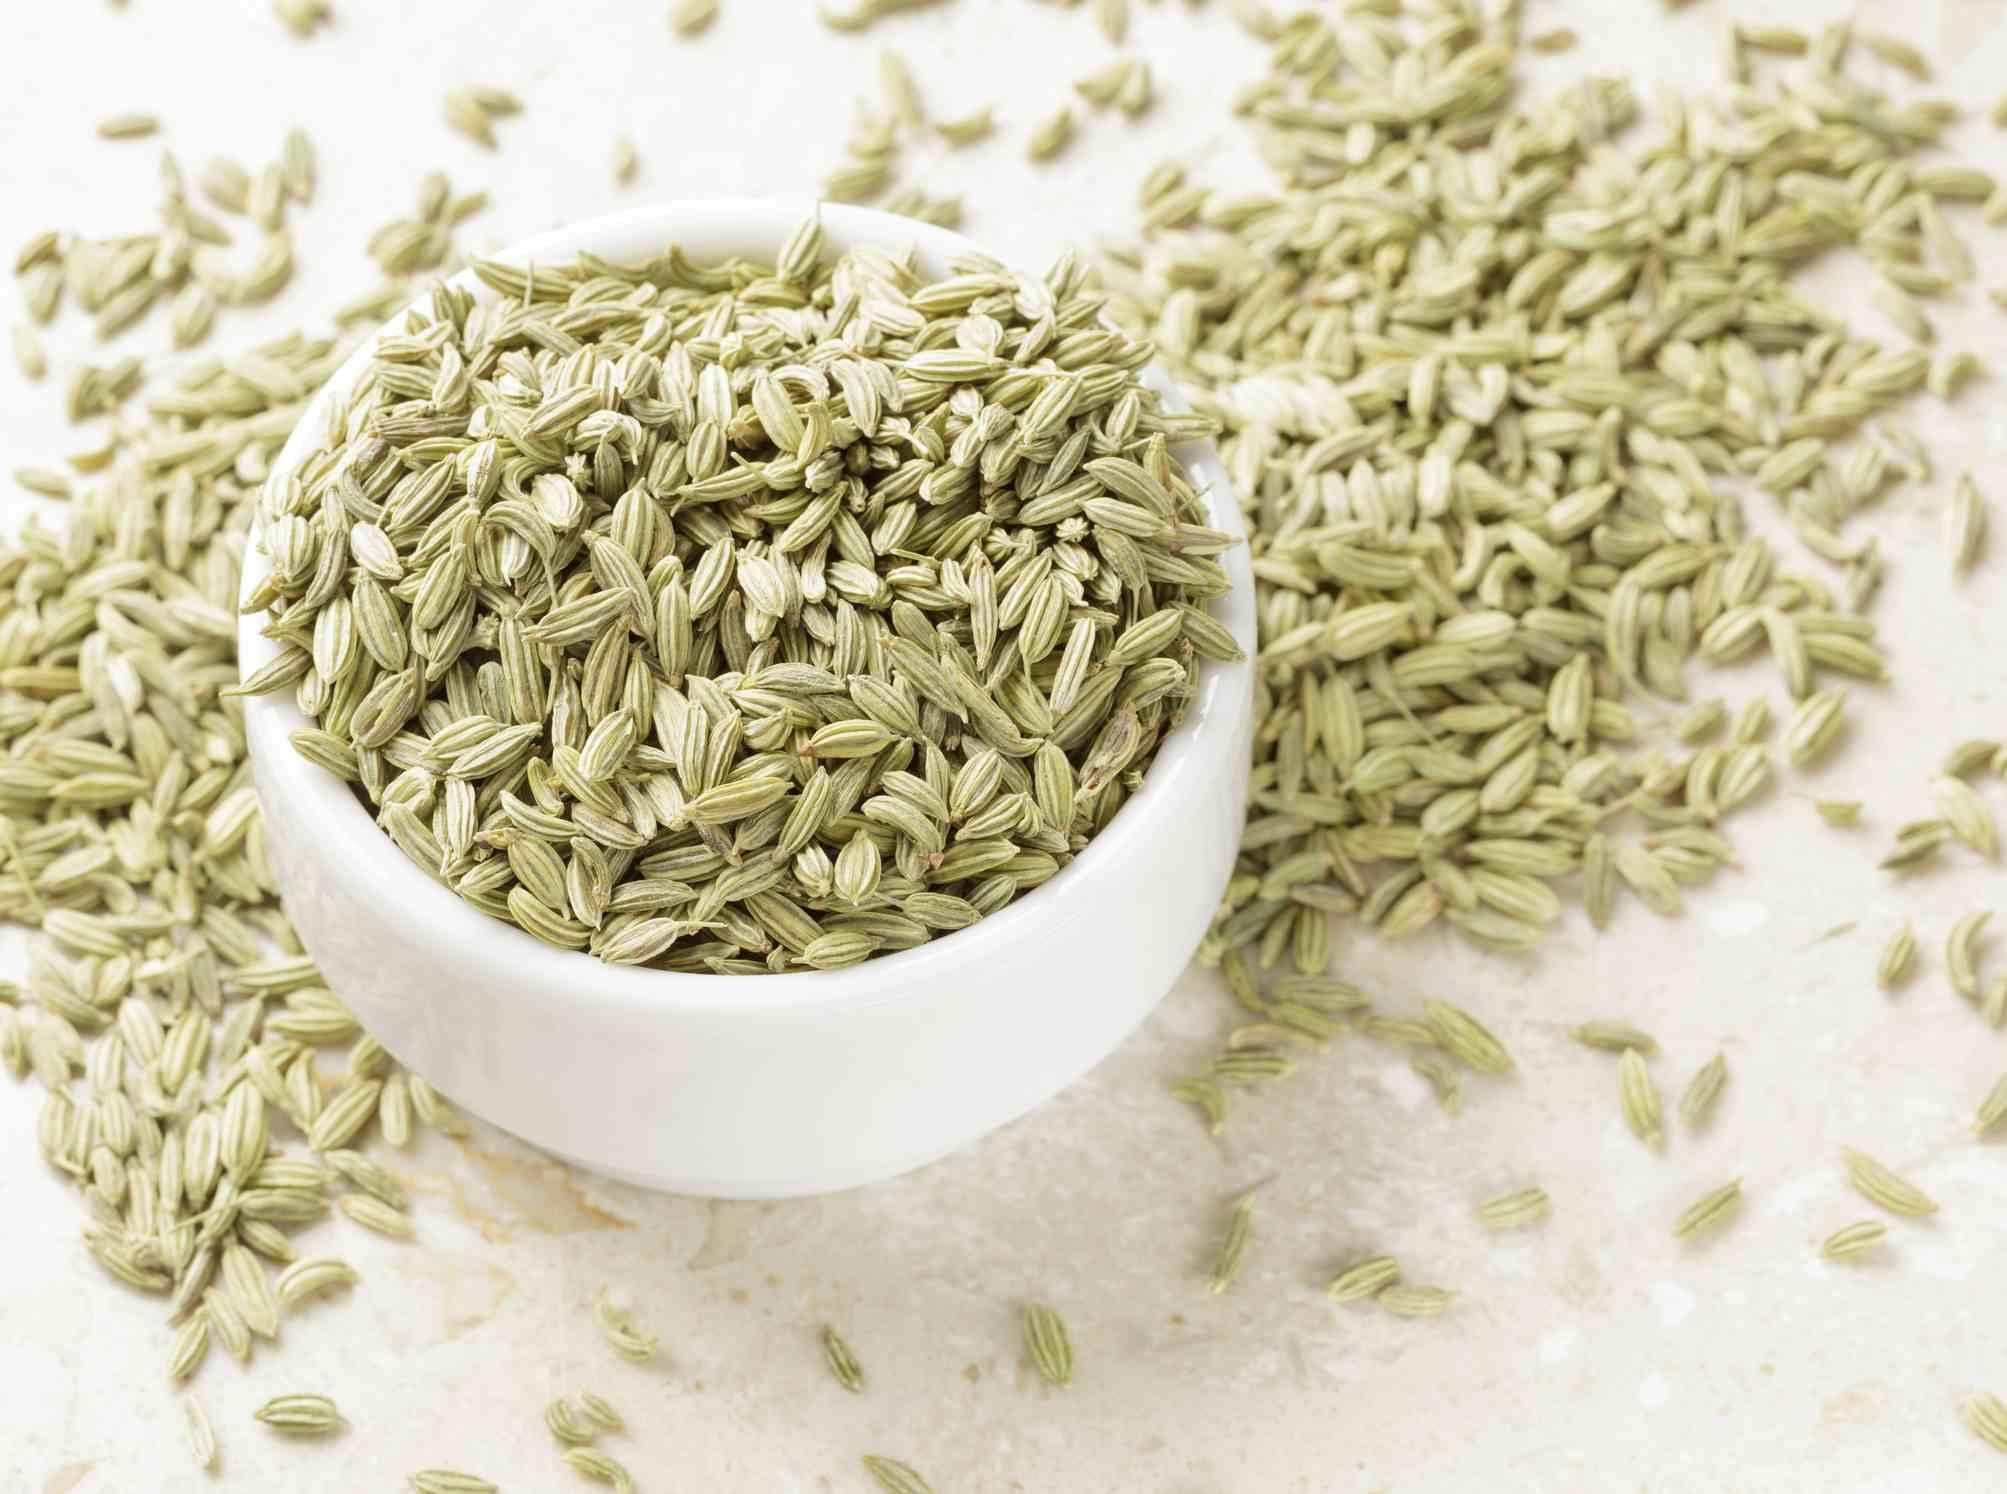 PunjabKesari,fennel benefits image ,fennel image ,सौंफ इमेज